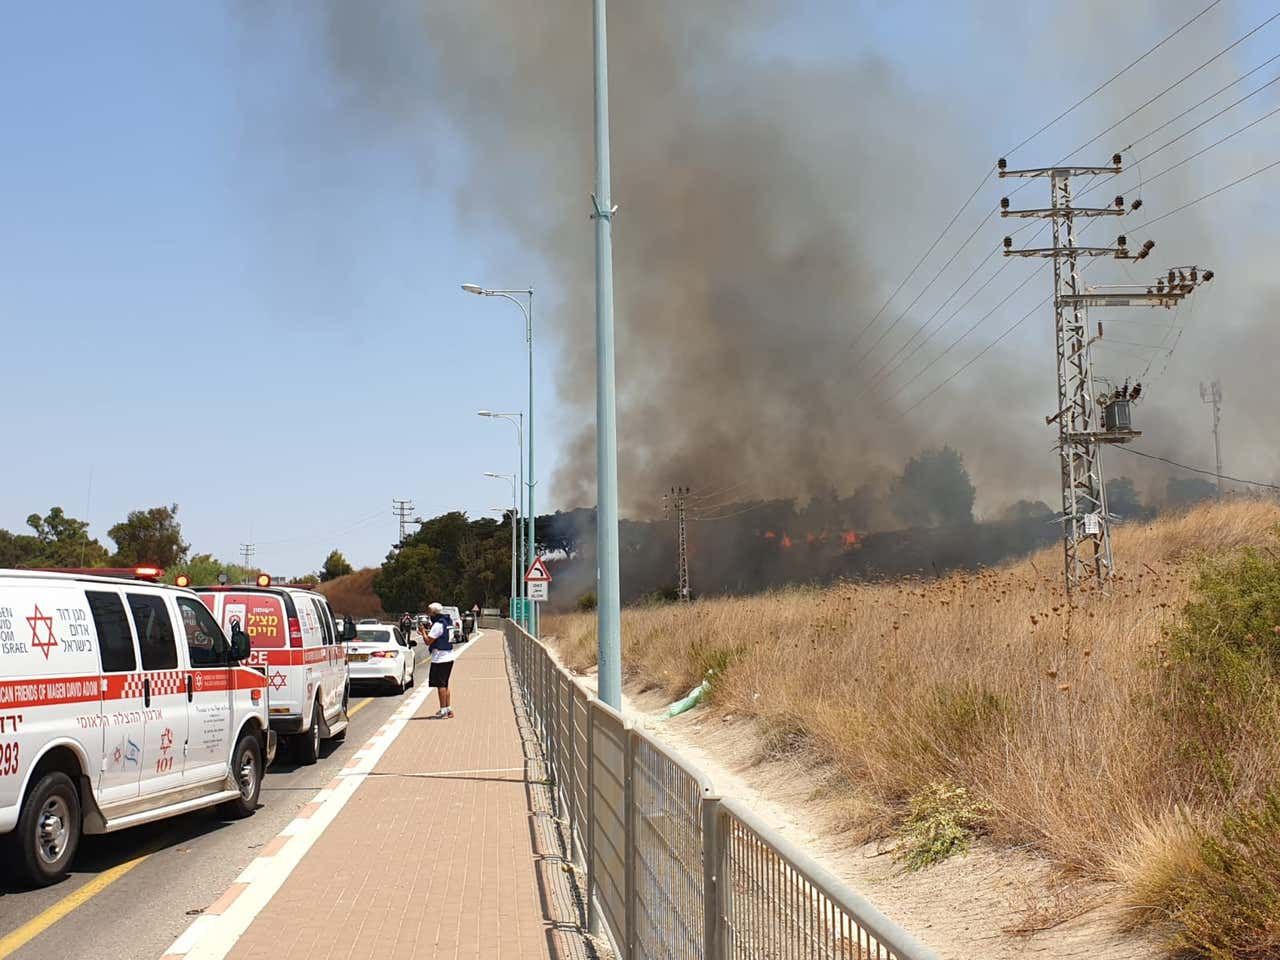 Libanonból három rakétát lőttek ki, kettő Izrael területén zuhant le; A hadsereg ágyútűzzel válaszolt